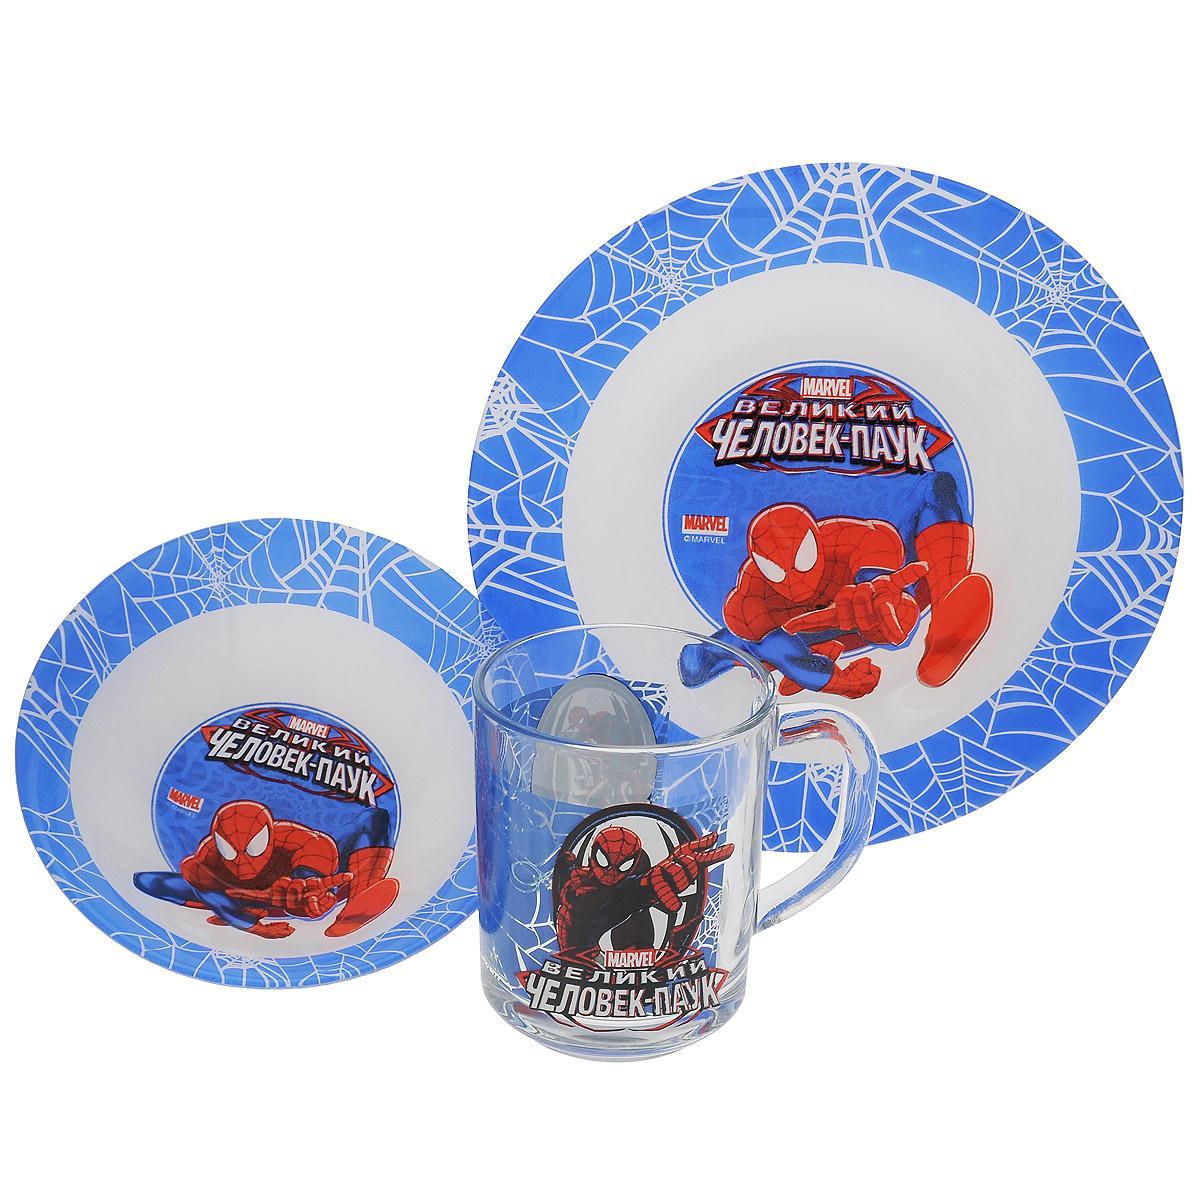 Набор детской посуды Marvel Spider-Man, 3 предмета115510Набор детской посуды Marvel Spider-Man, выполненный из стекла, состоит из кружки, тарелки и салатника. Изделия оформлены изображением героz популярного мультфильма Spider-Man. Материалы изделий нетоксичены и безопасны для детского здоровья. Детская посуда удобна и увлекательна для вашего малыша. Привычная еда станет более вкусной и приятной, если процесс кормления сопровождать игрой и сказками о любимых героях. Красочная посуда является залогом хорошего настроения и аппетита ваших детей. Можно мыть в посудомоечной машине. Диаметр тарелка: 19,5 см. Диаметр салатника: 14 см. Высота салатника: 4,5 см. Объем кружки: 250 мл. Диаметр кружки (по верхнему краю): 7 см. Высота кружки: 9 см.